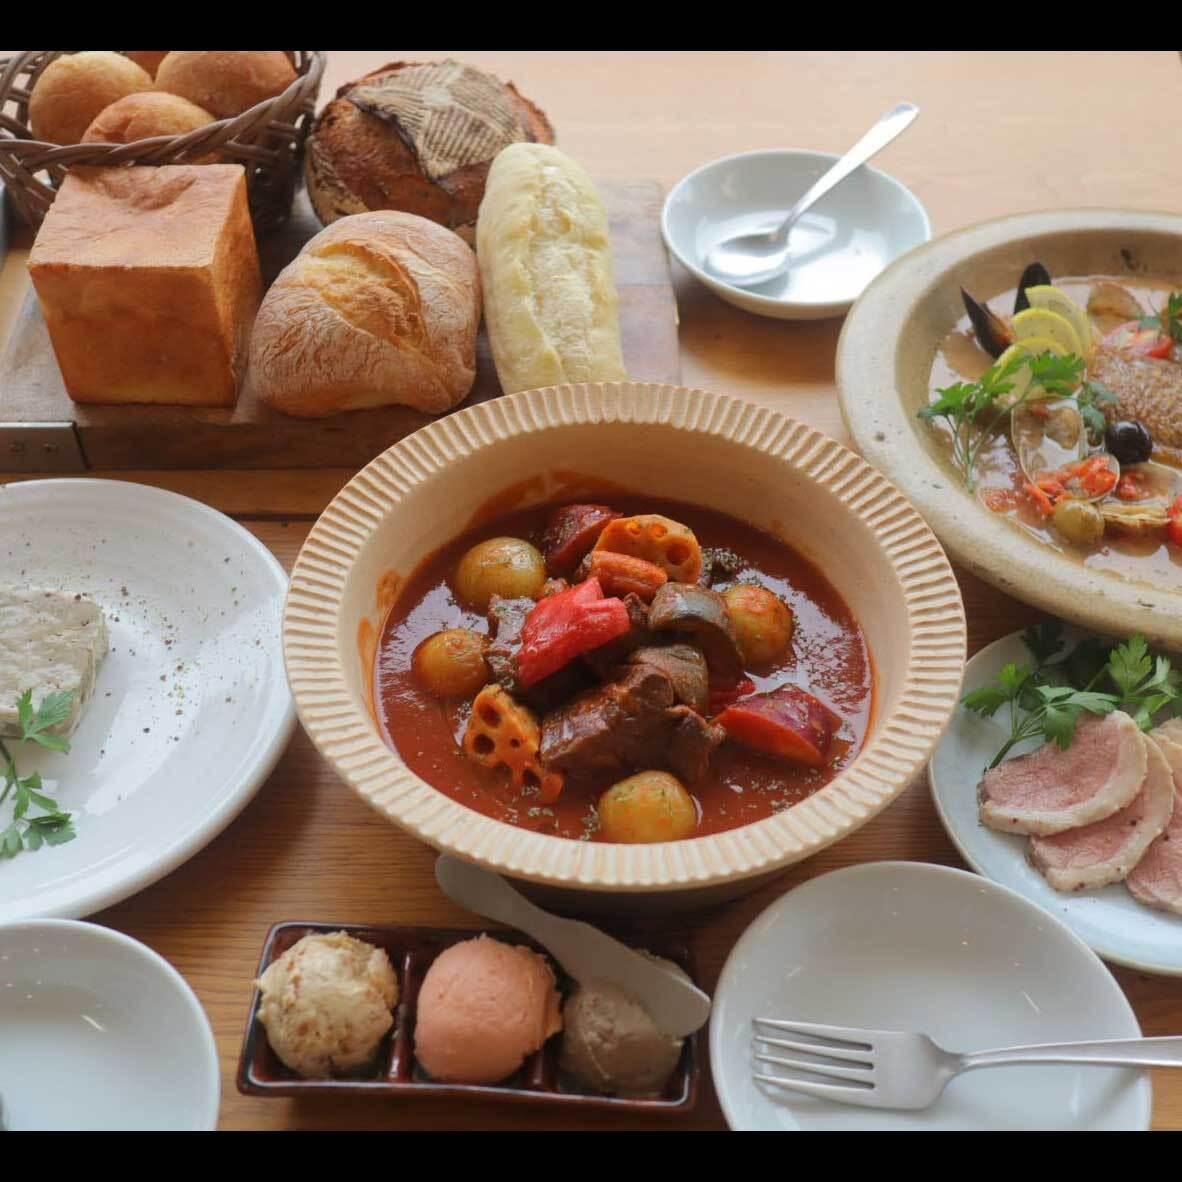 パン盛り合わせとお食事セット(4名様程度)